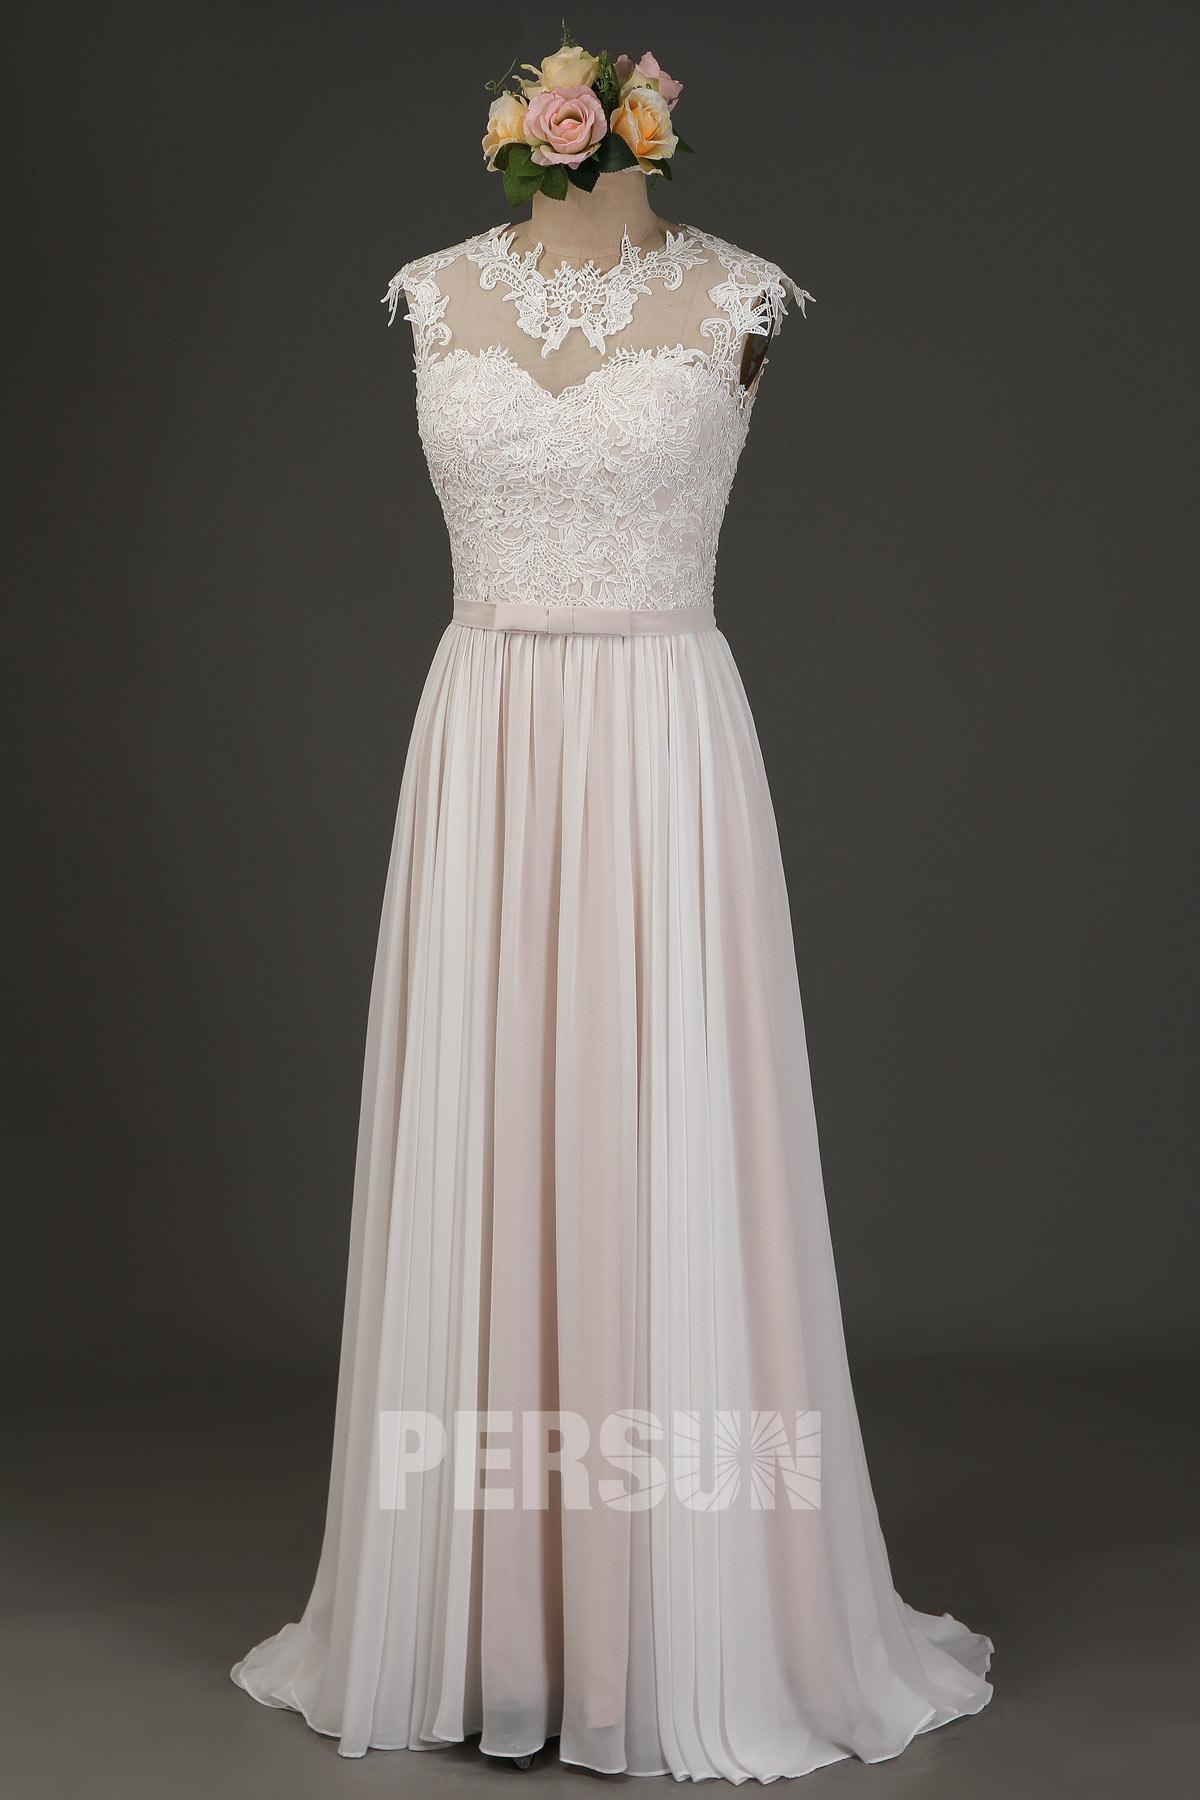 robe de mariée longue romantique ivoire doublure rose pâle haut en dentelle guipure col illusion